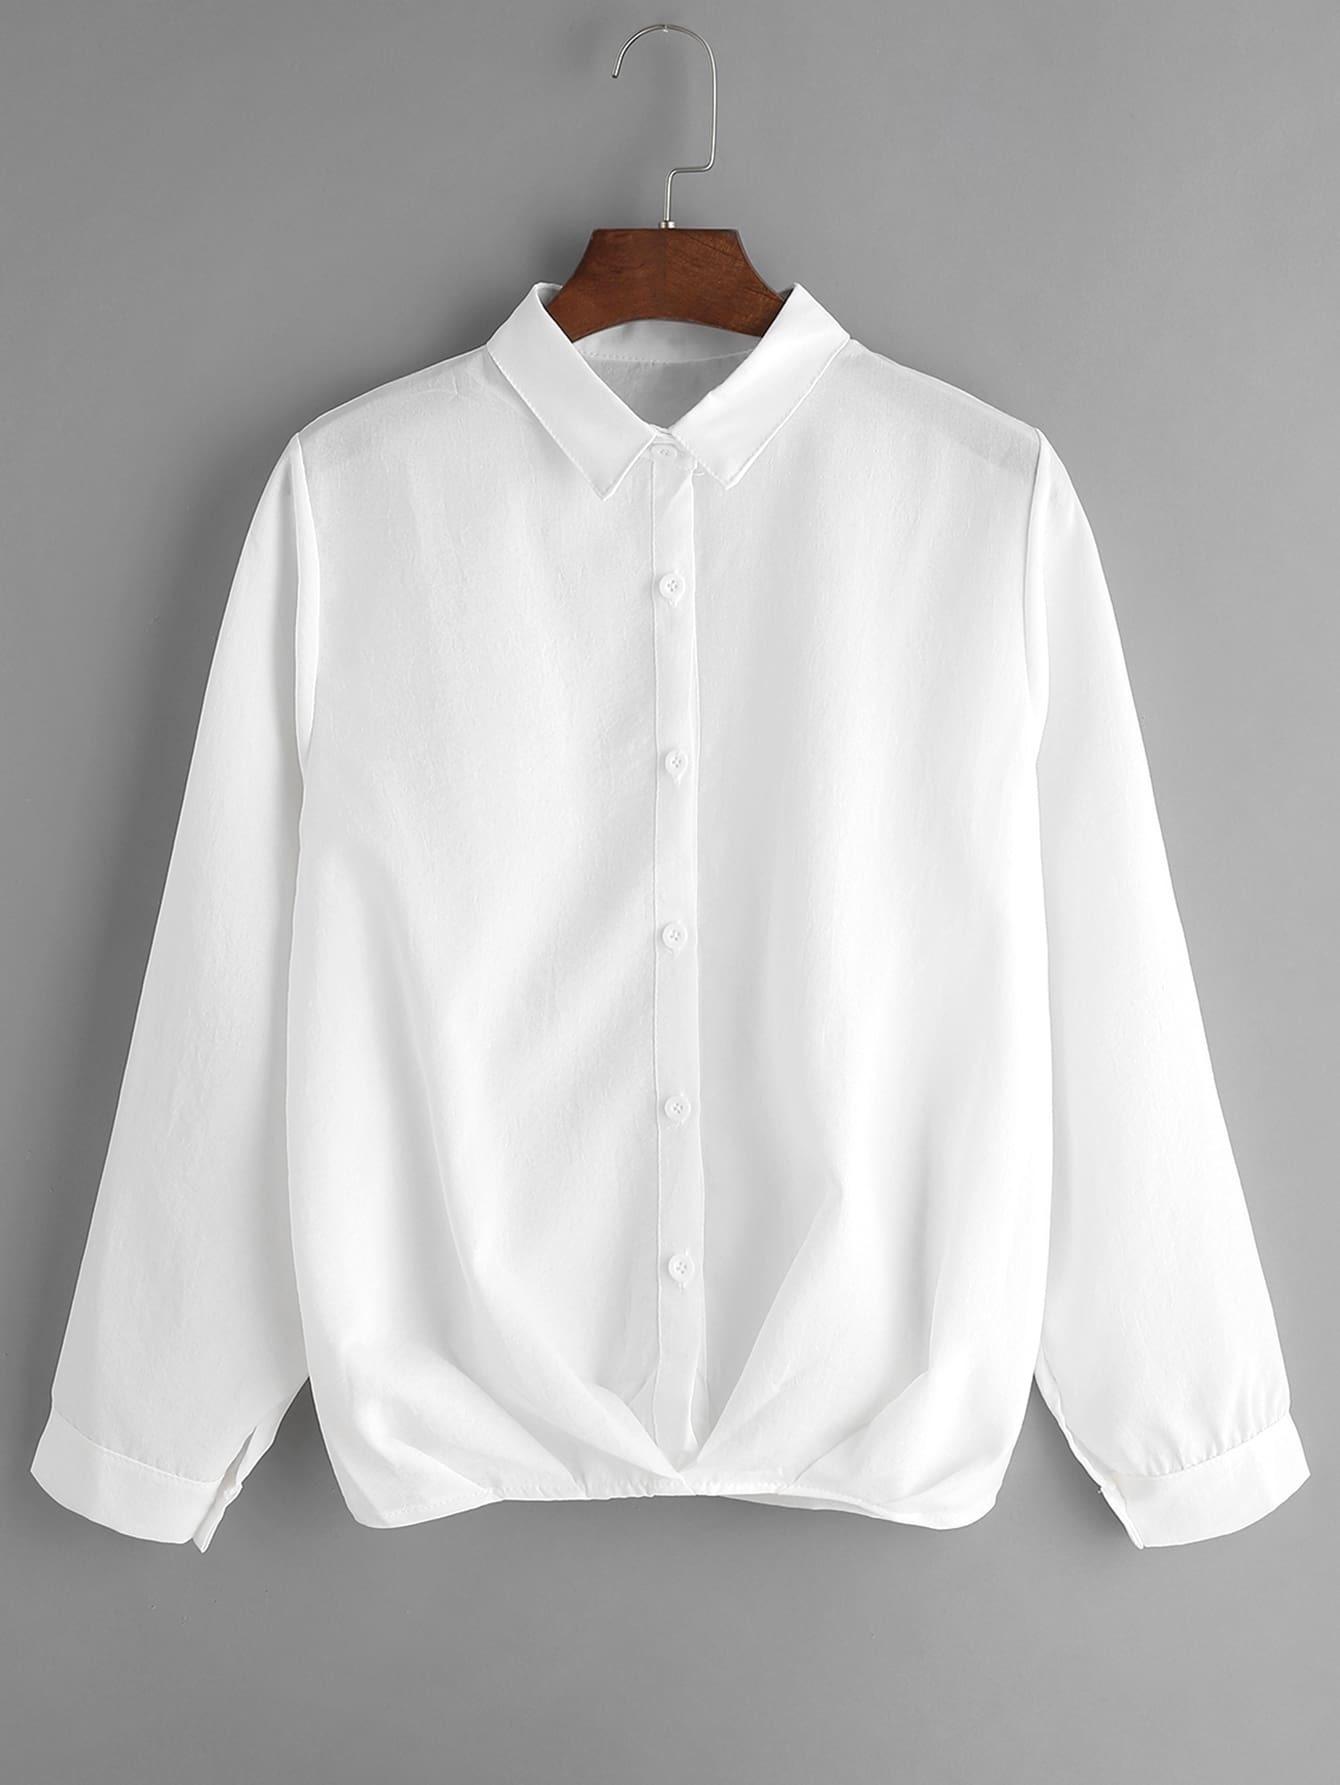 Белые Блузки 2016 Купить